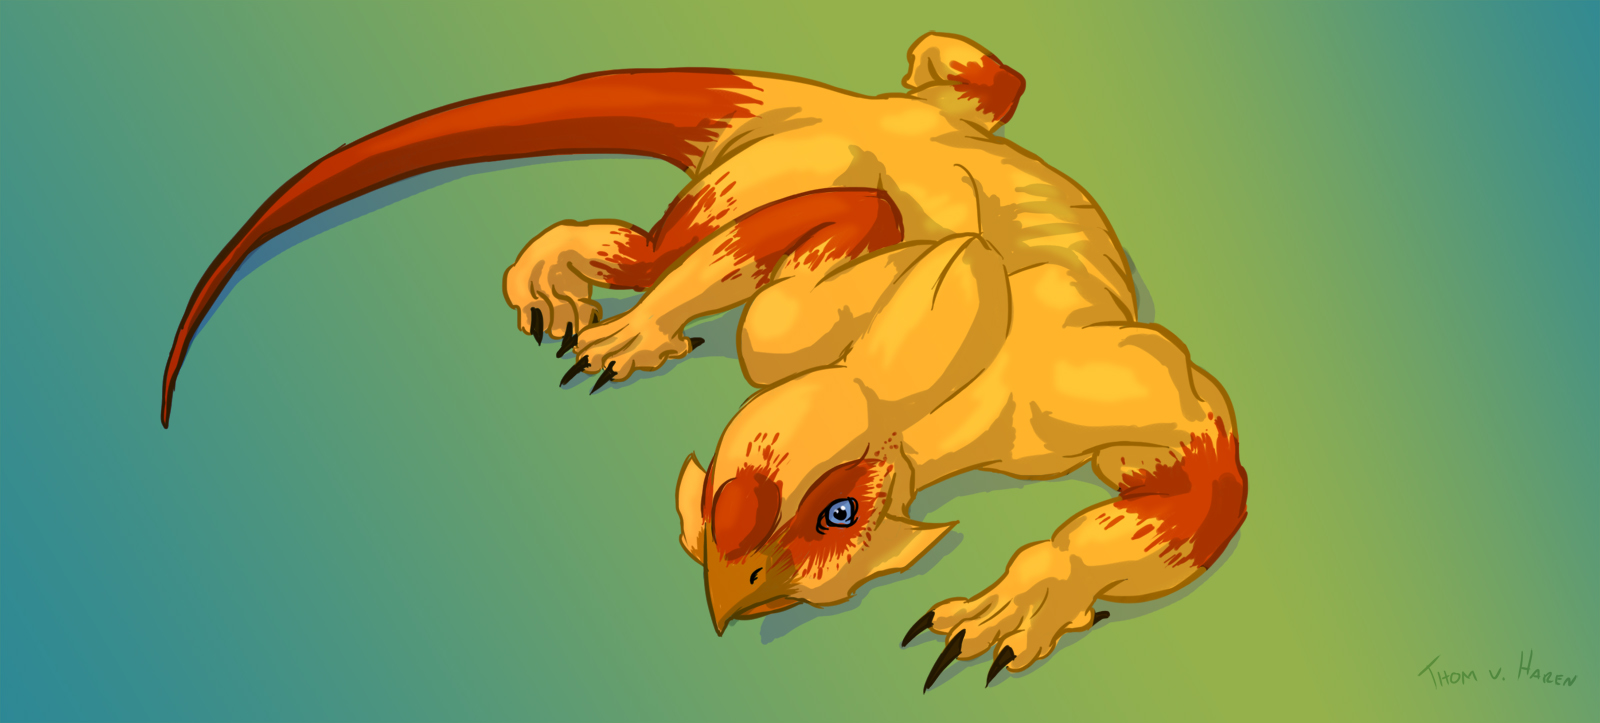 ChickenLizard